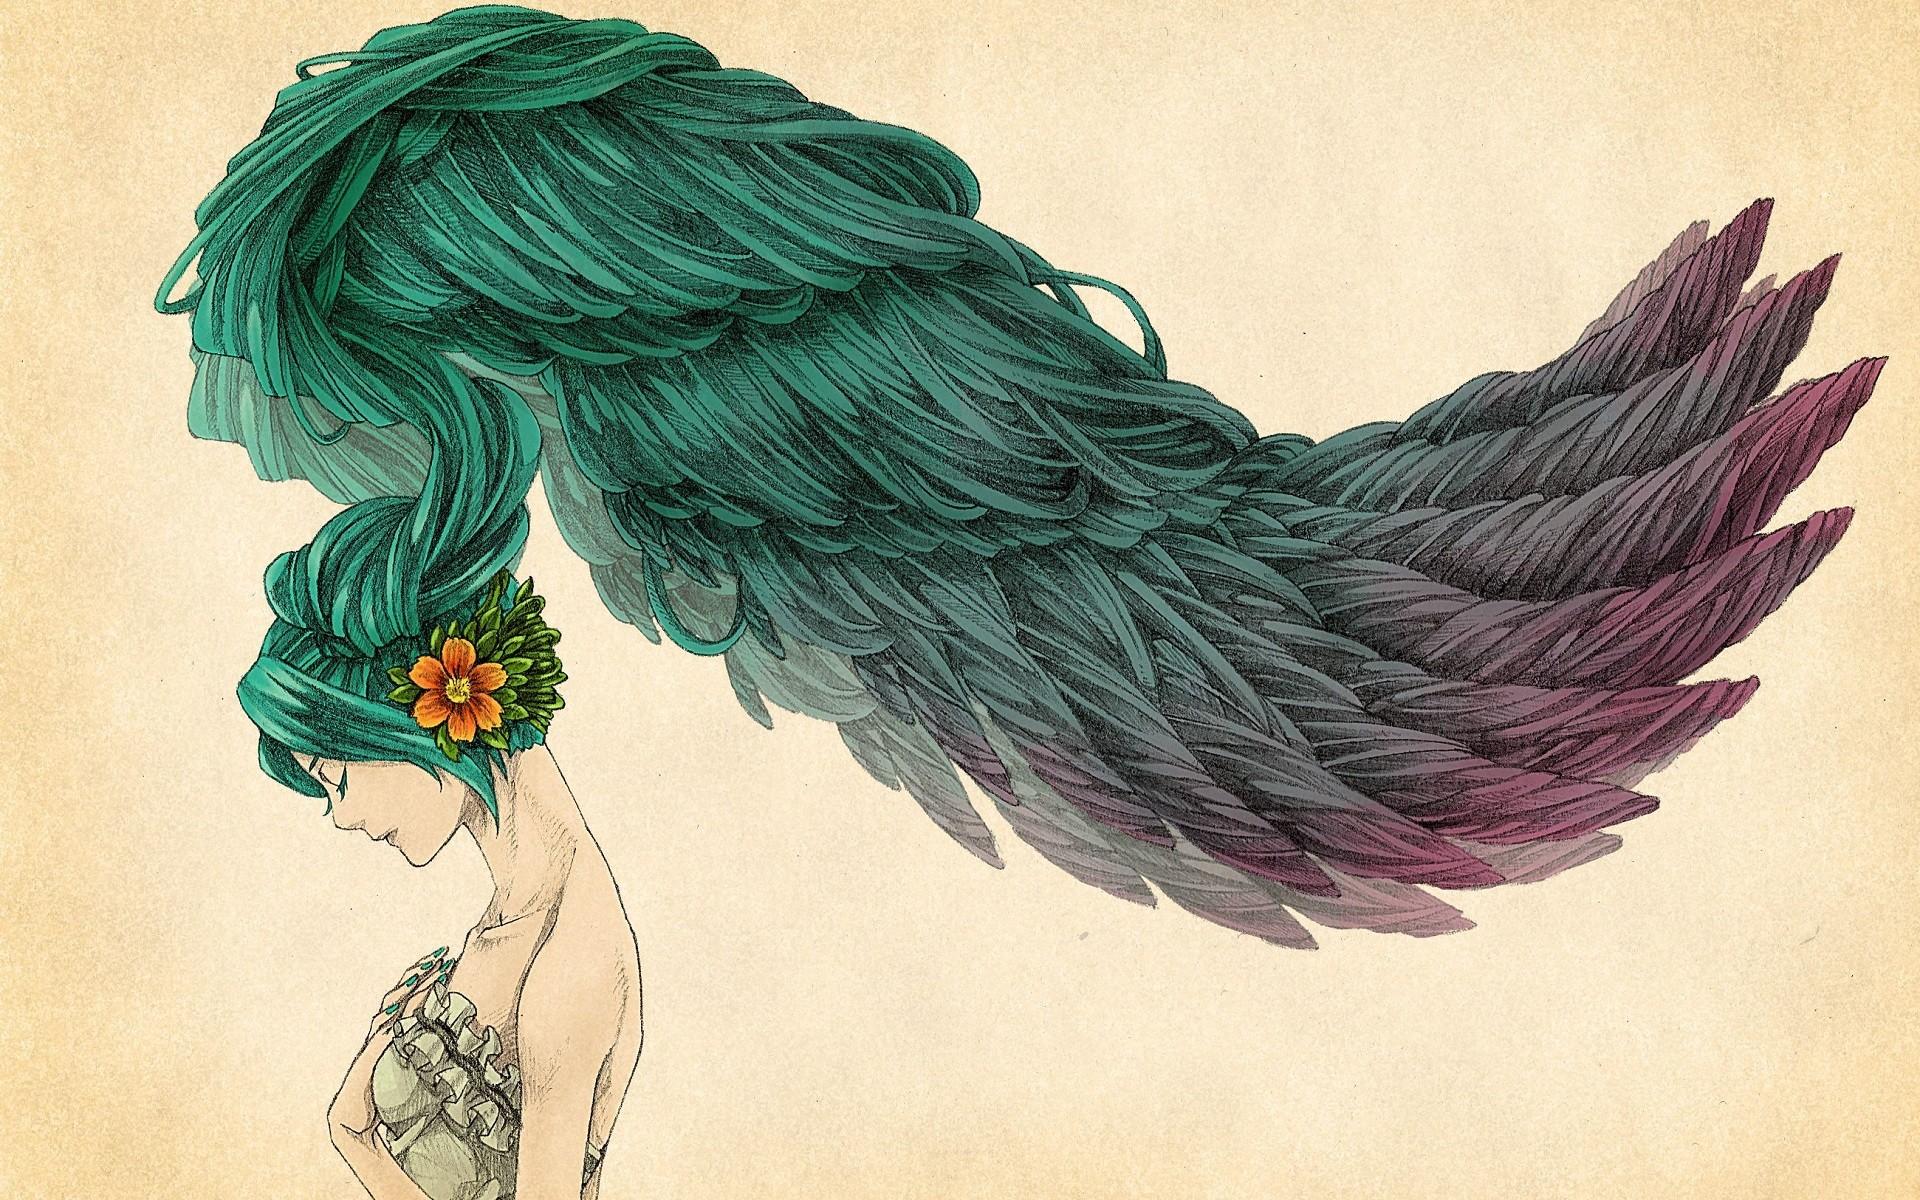 Fondos de pantalla : dibujo, ilustración, mujer, Arte fantasía ...